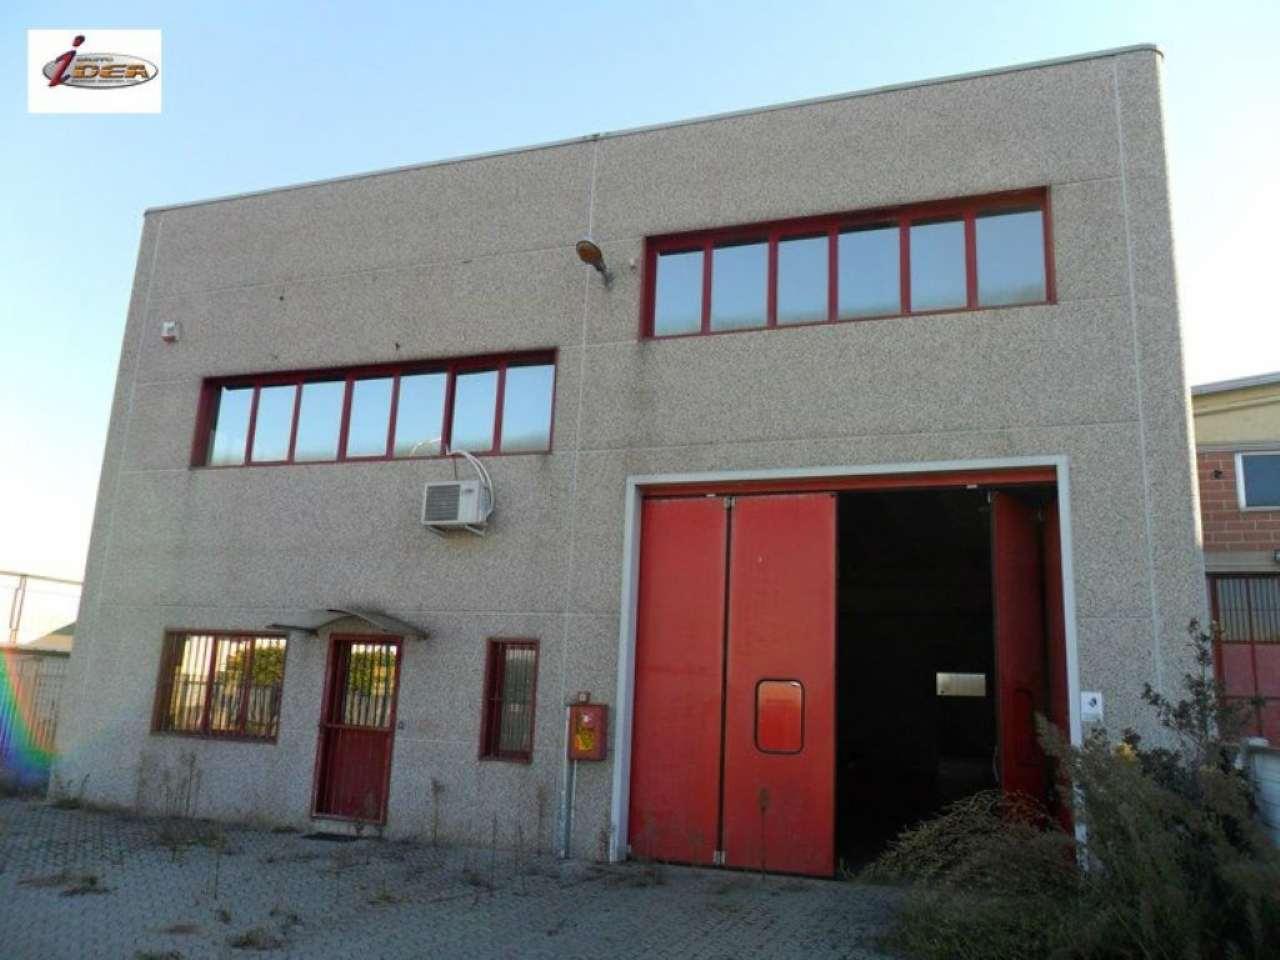 Capannone in vendita a Settimo Torinese, 9999 locali, prezzo € 300.000 | Cambio Casa.it